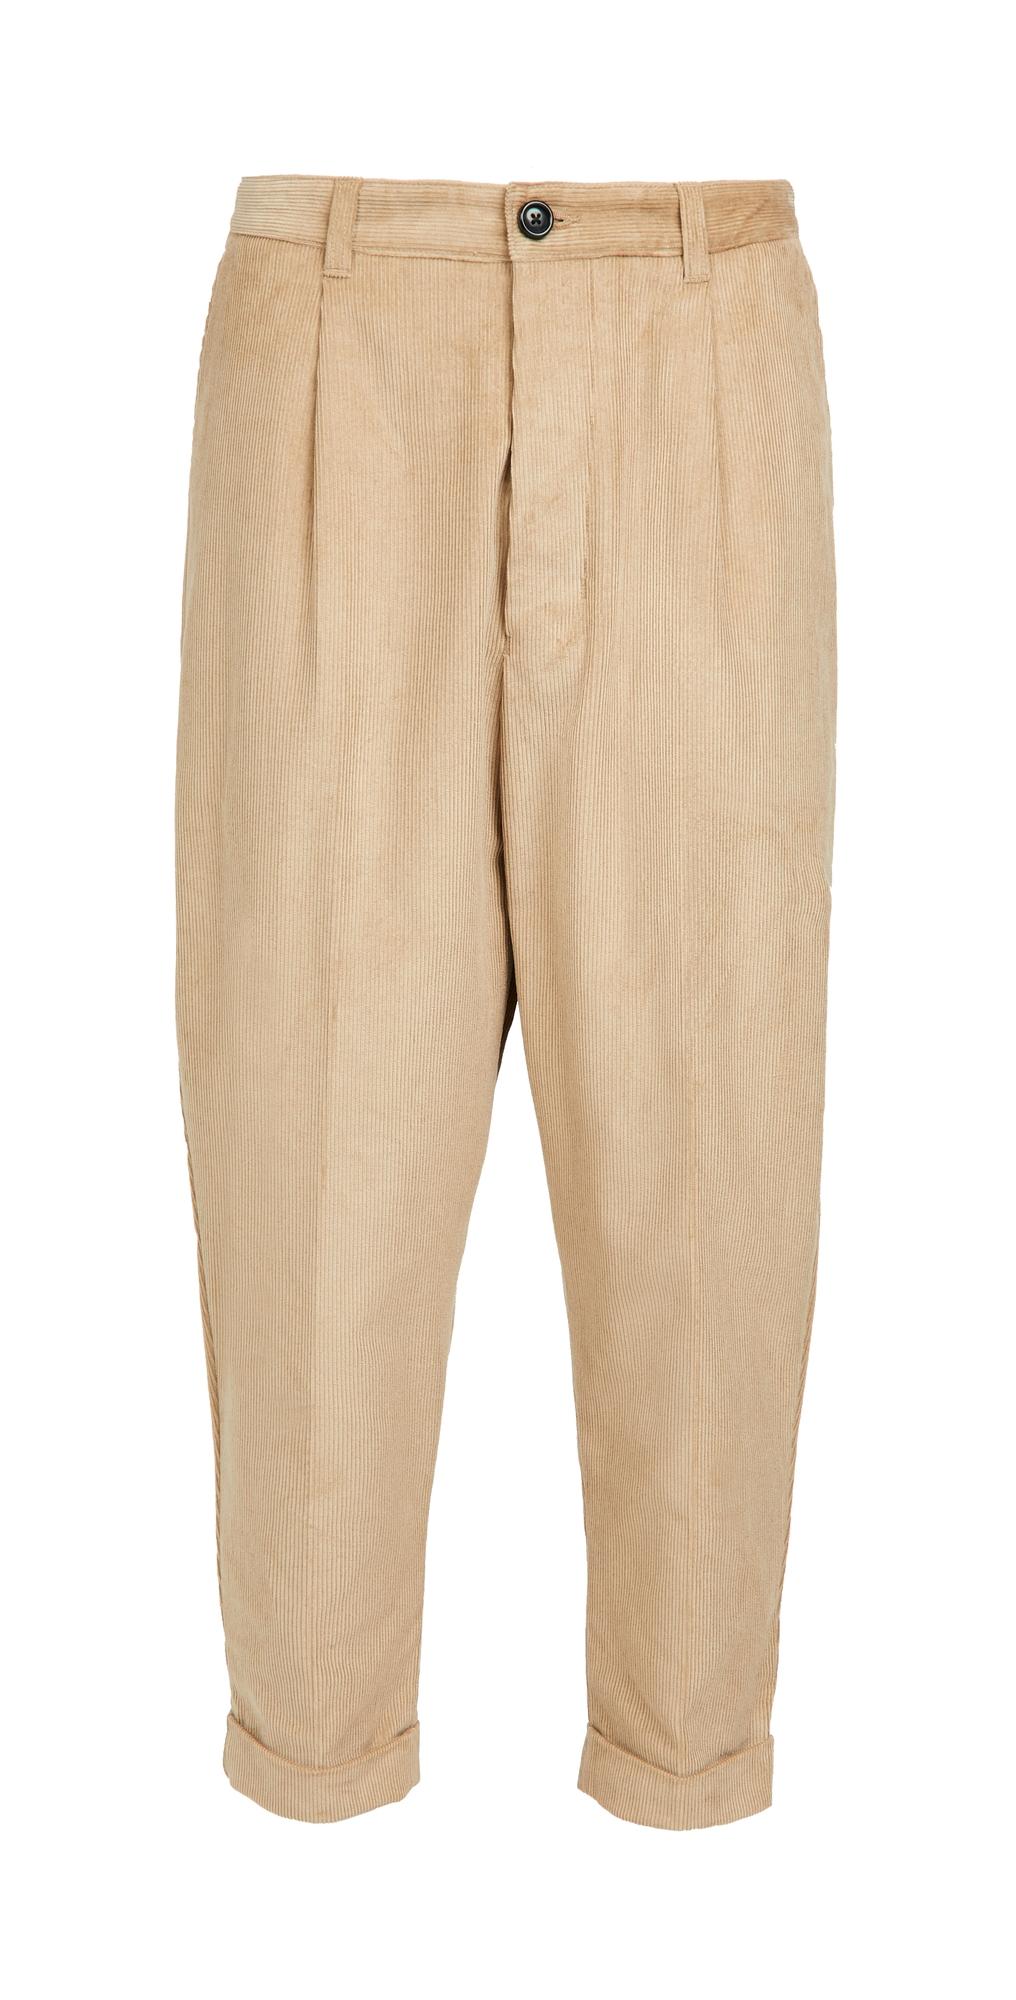 Wale Corduroy Pants